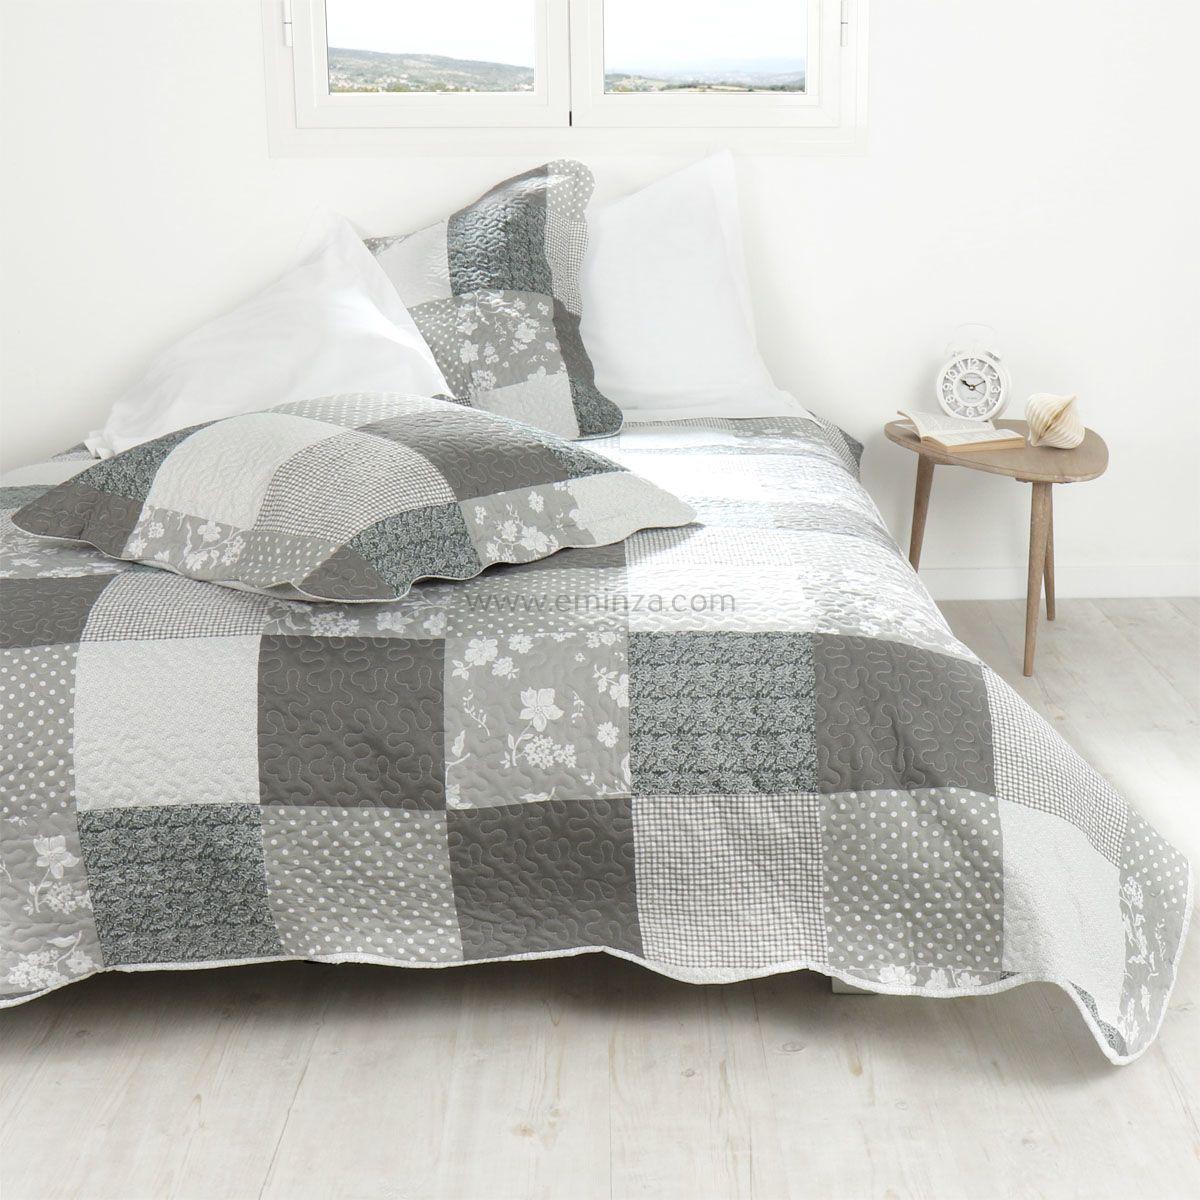 boutis et taies d 39 oreiller 220 x 240 cm mistra gris couvre lit boutis eminza. Black Bedroom Furniture Sets. Home Design Ideas